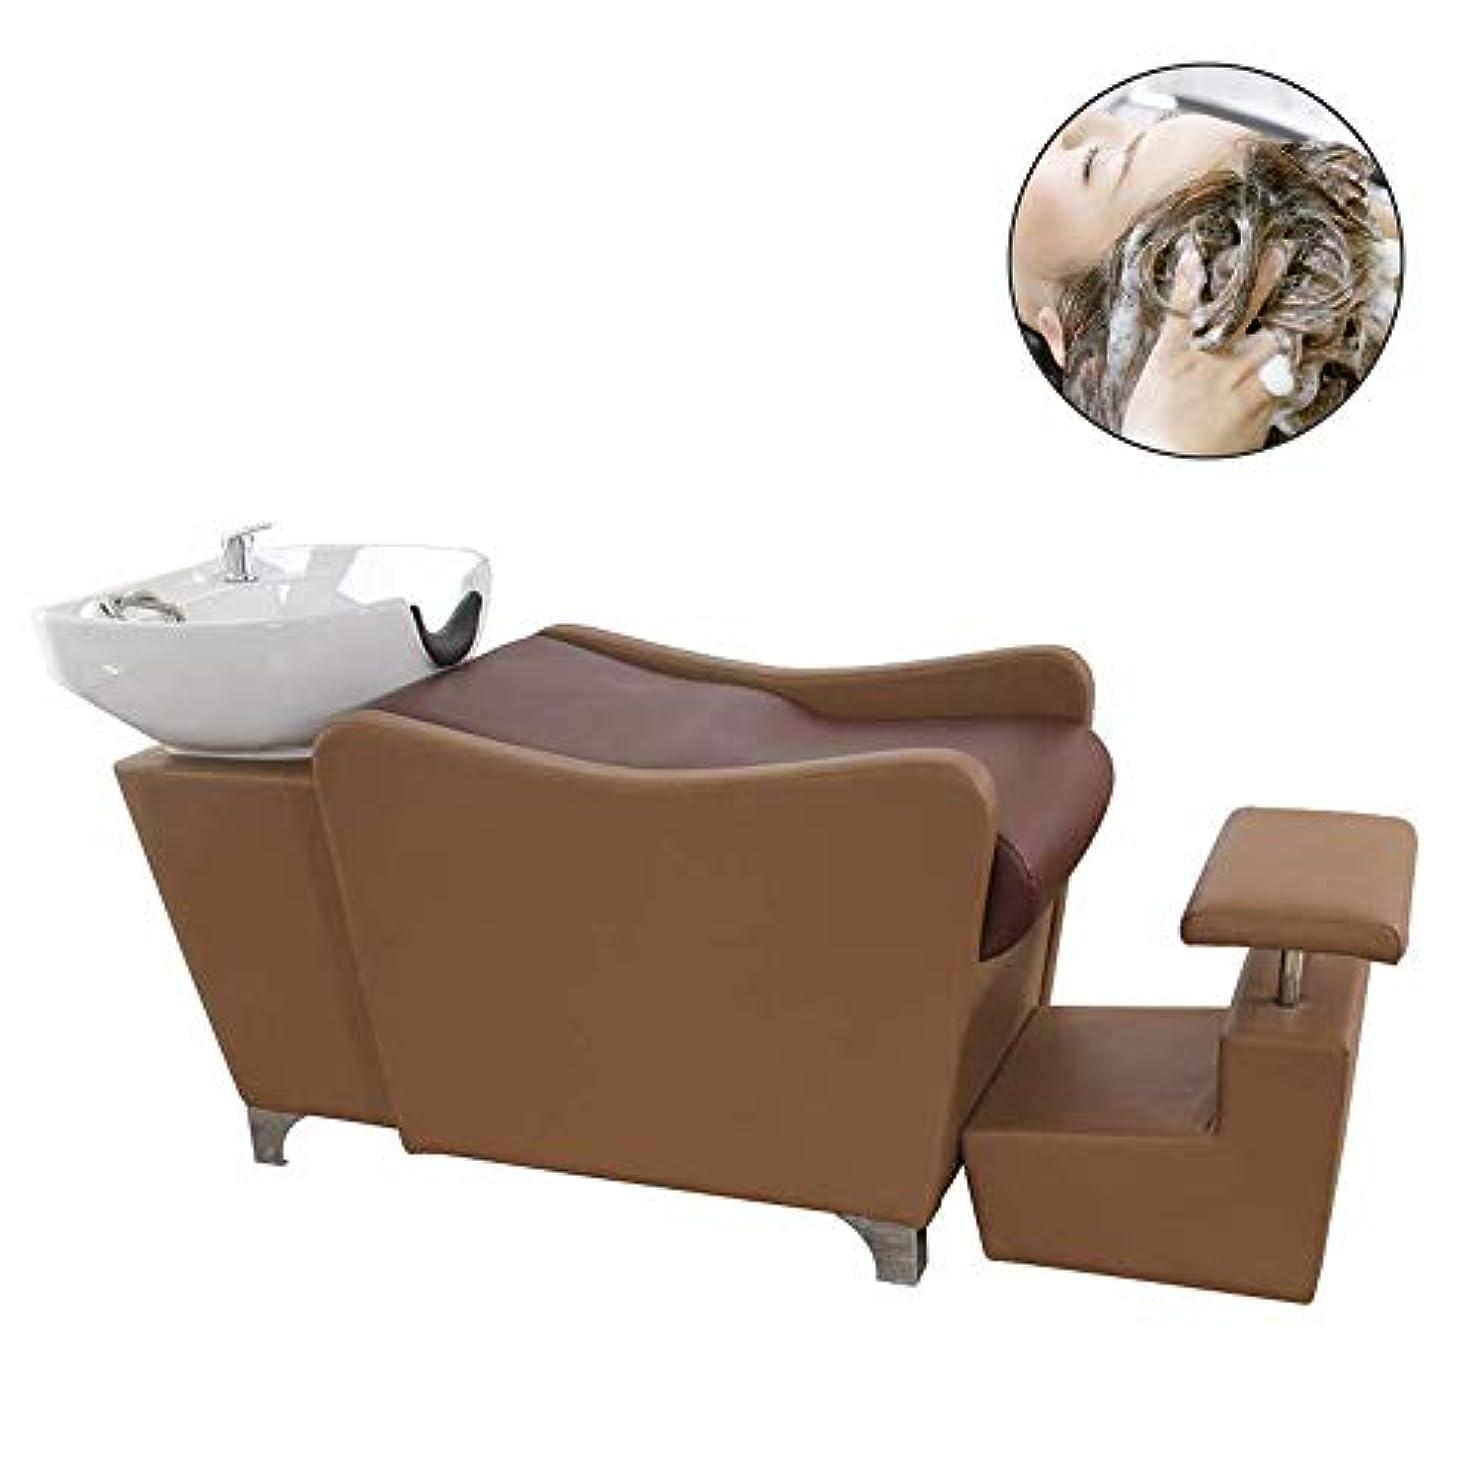 流産じゃがいも匹敵しますサロン用シャンプー椅子とボウル、理髪店逆洗ユニットシャンプーボウル理髪用シンク椅子用スパビューティーサロン機器(茶色)